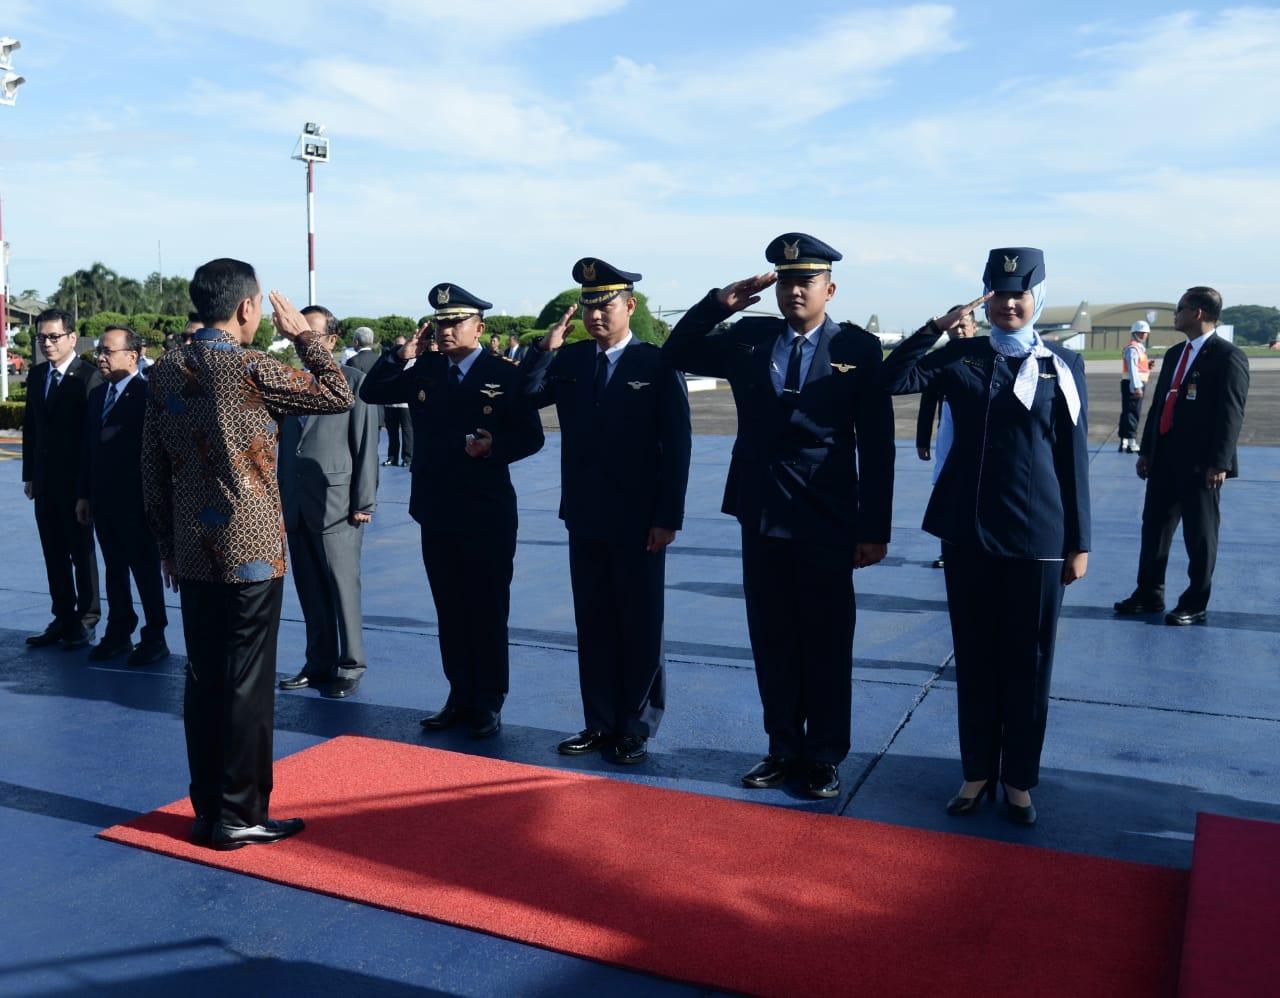 Presiden Jokowi Bertolak ke Abu Dhabi, Bahas Investasi dan Jadi Pembicara Kunci 102